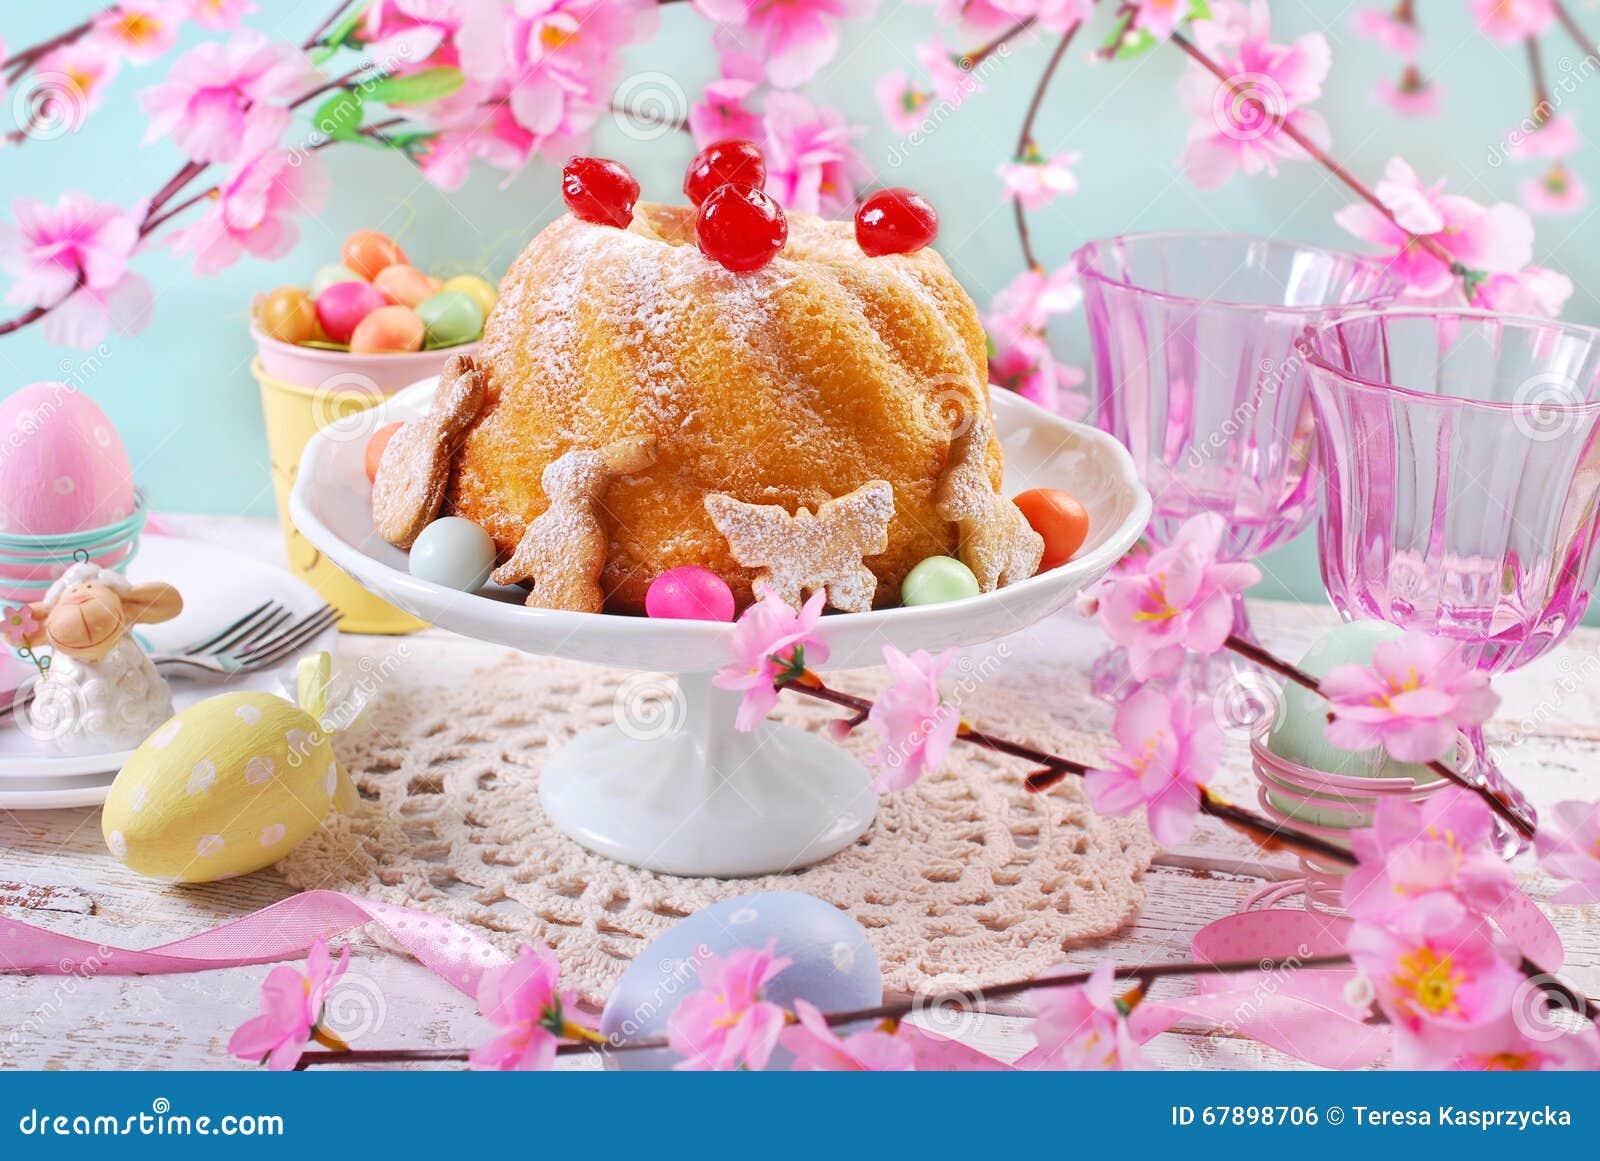 Påskcirkelkaka med körsbärsröd garnering och florsocker